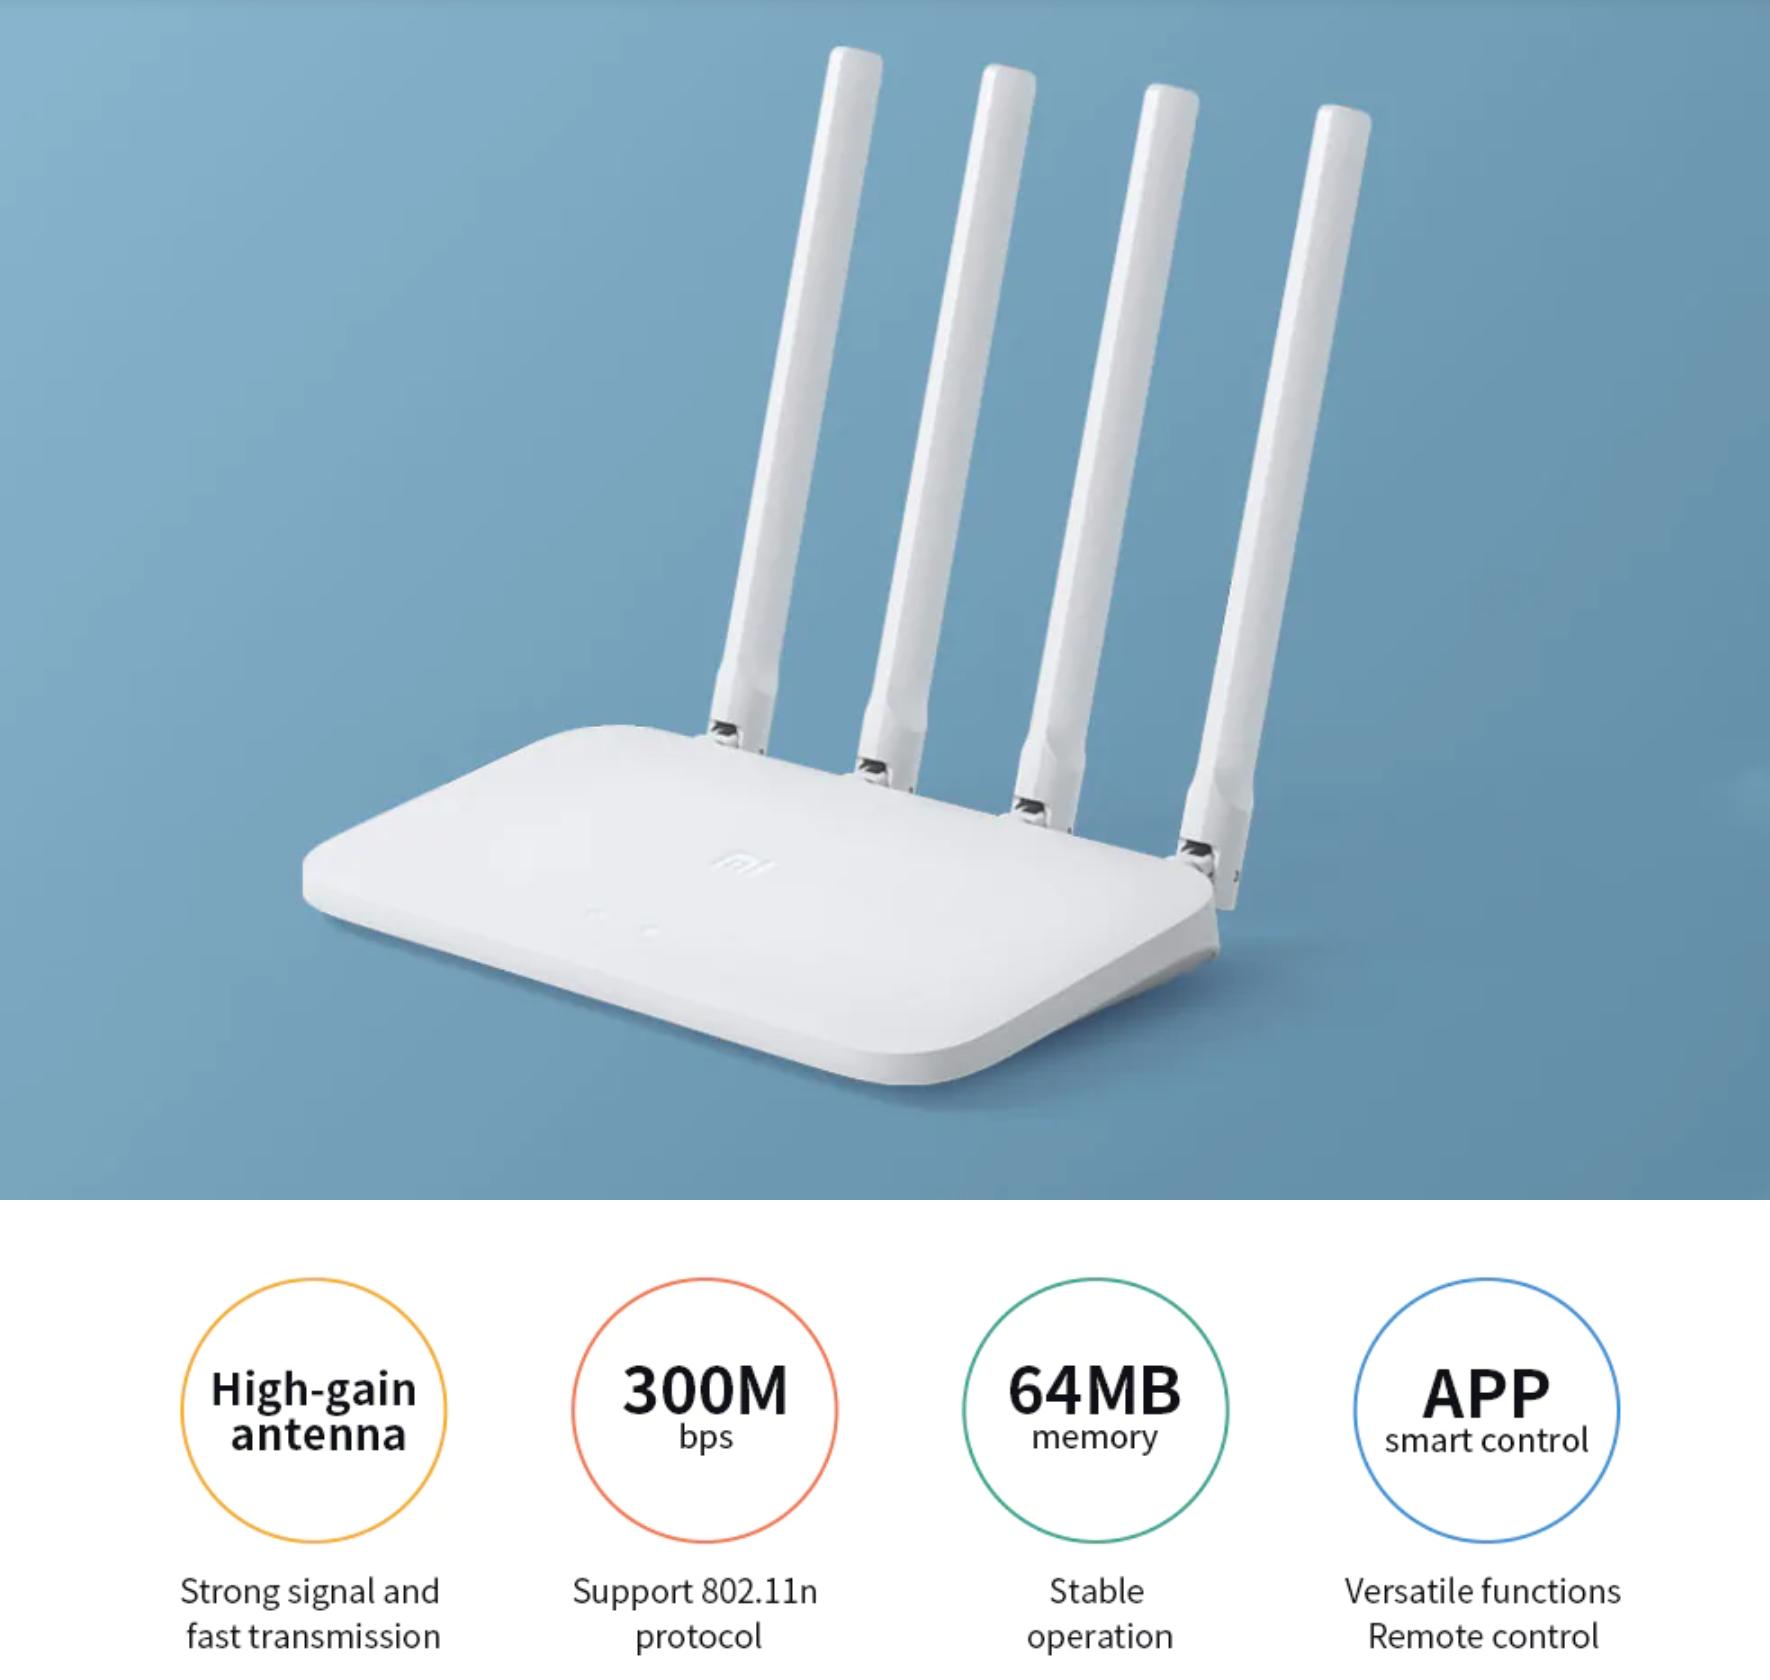 xiaomi router